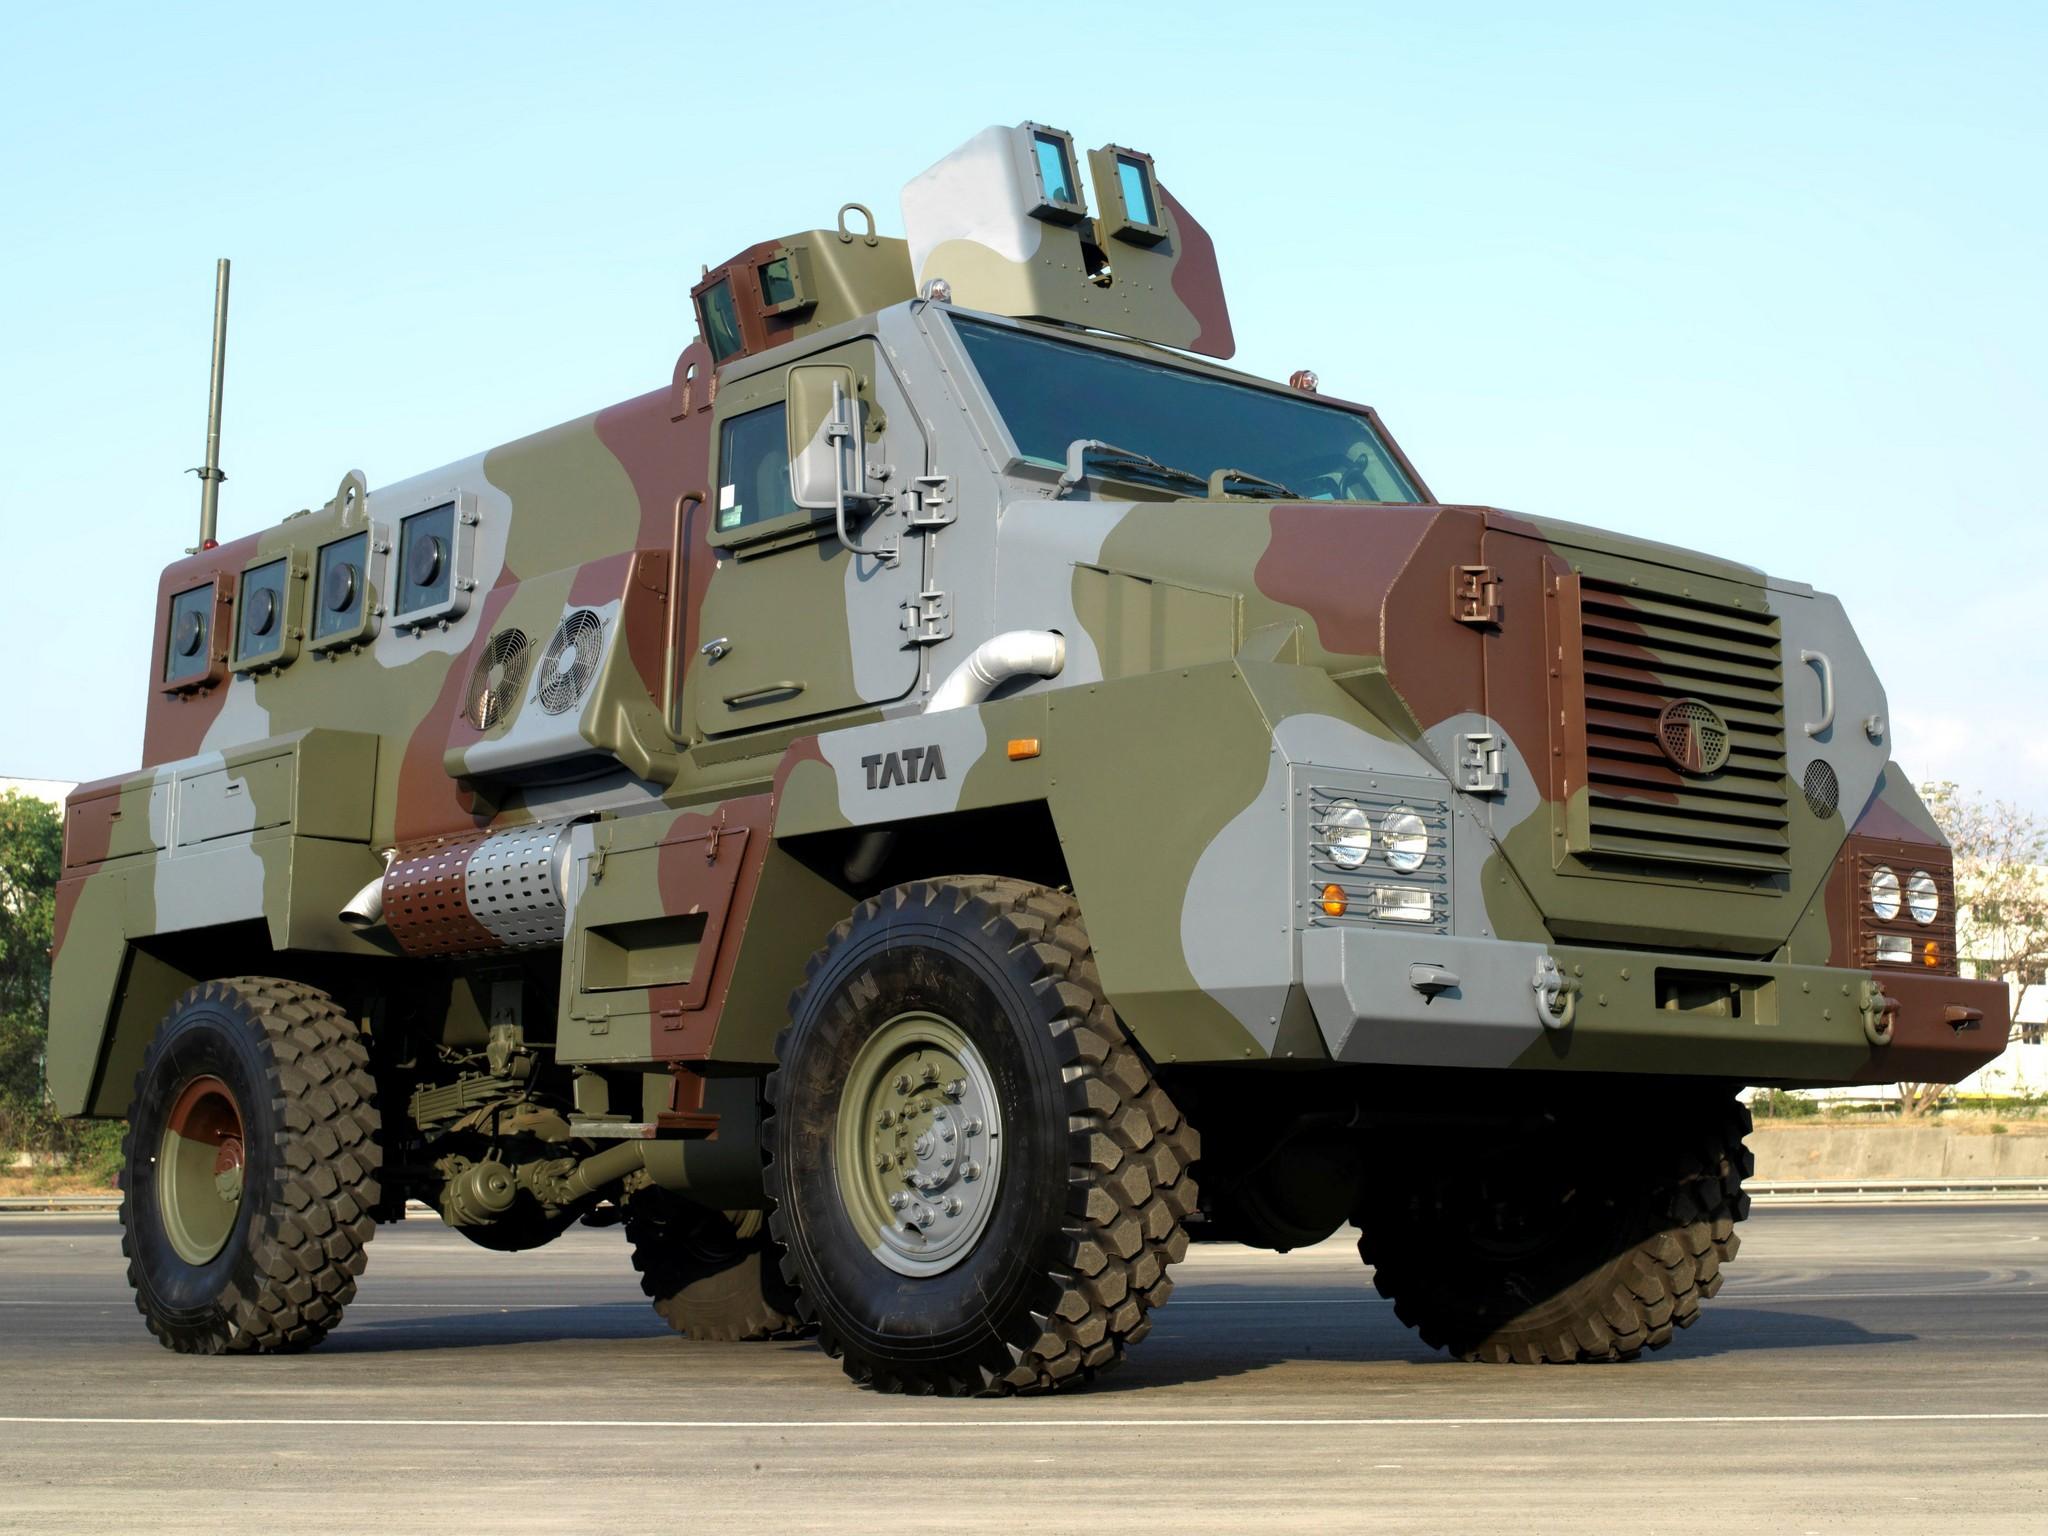 Tata Mpv 4x4 Truck Trucks Military Wallpaper 2048x1536